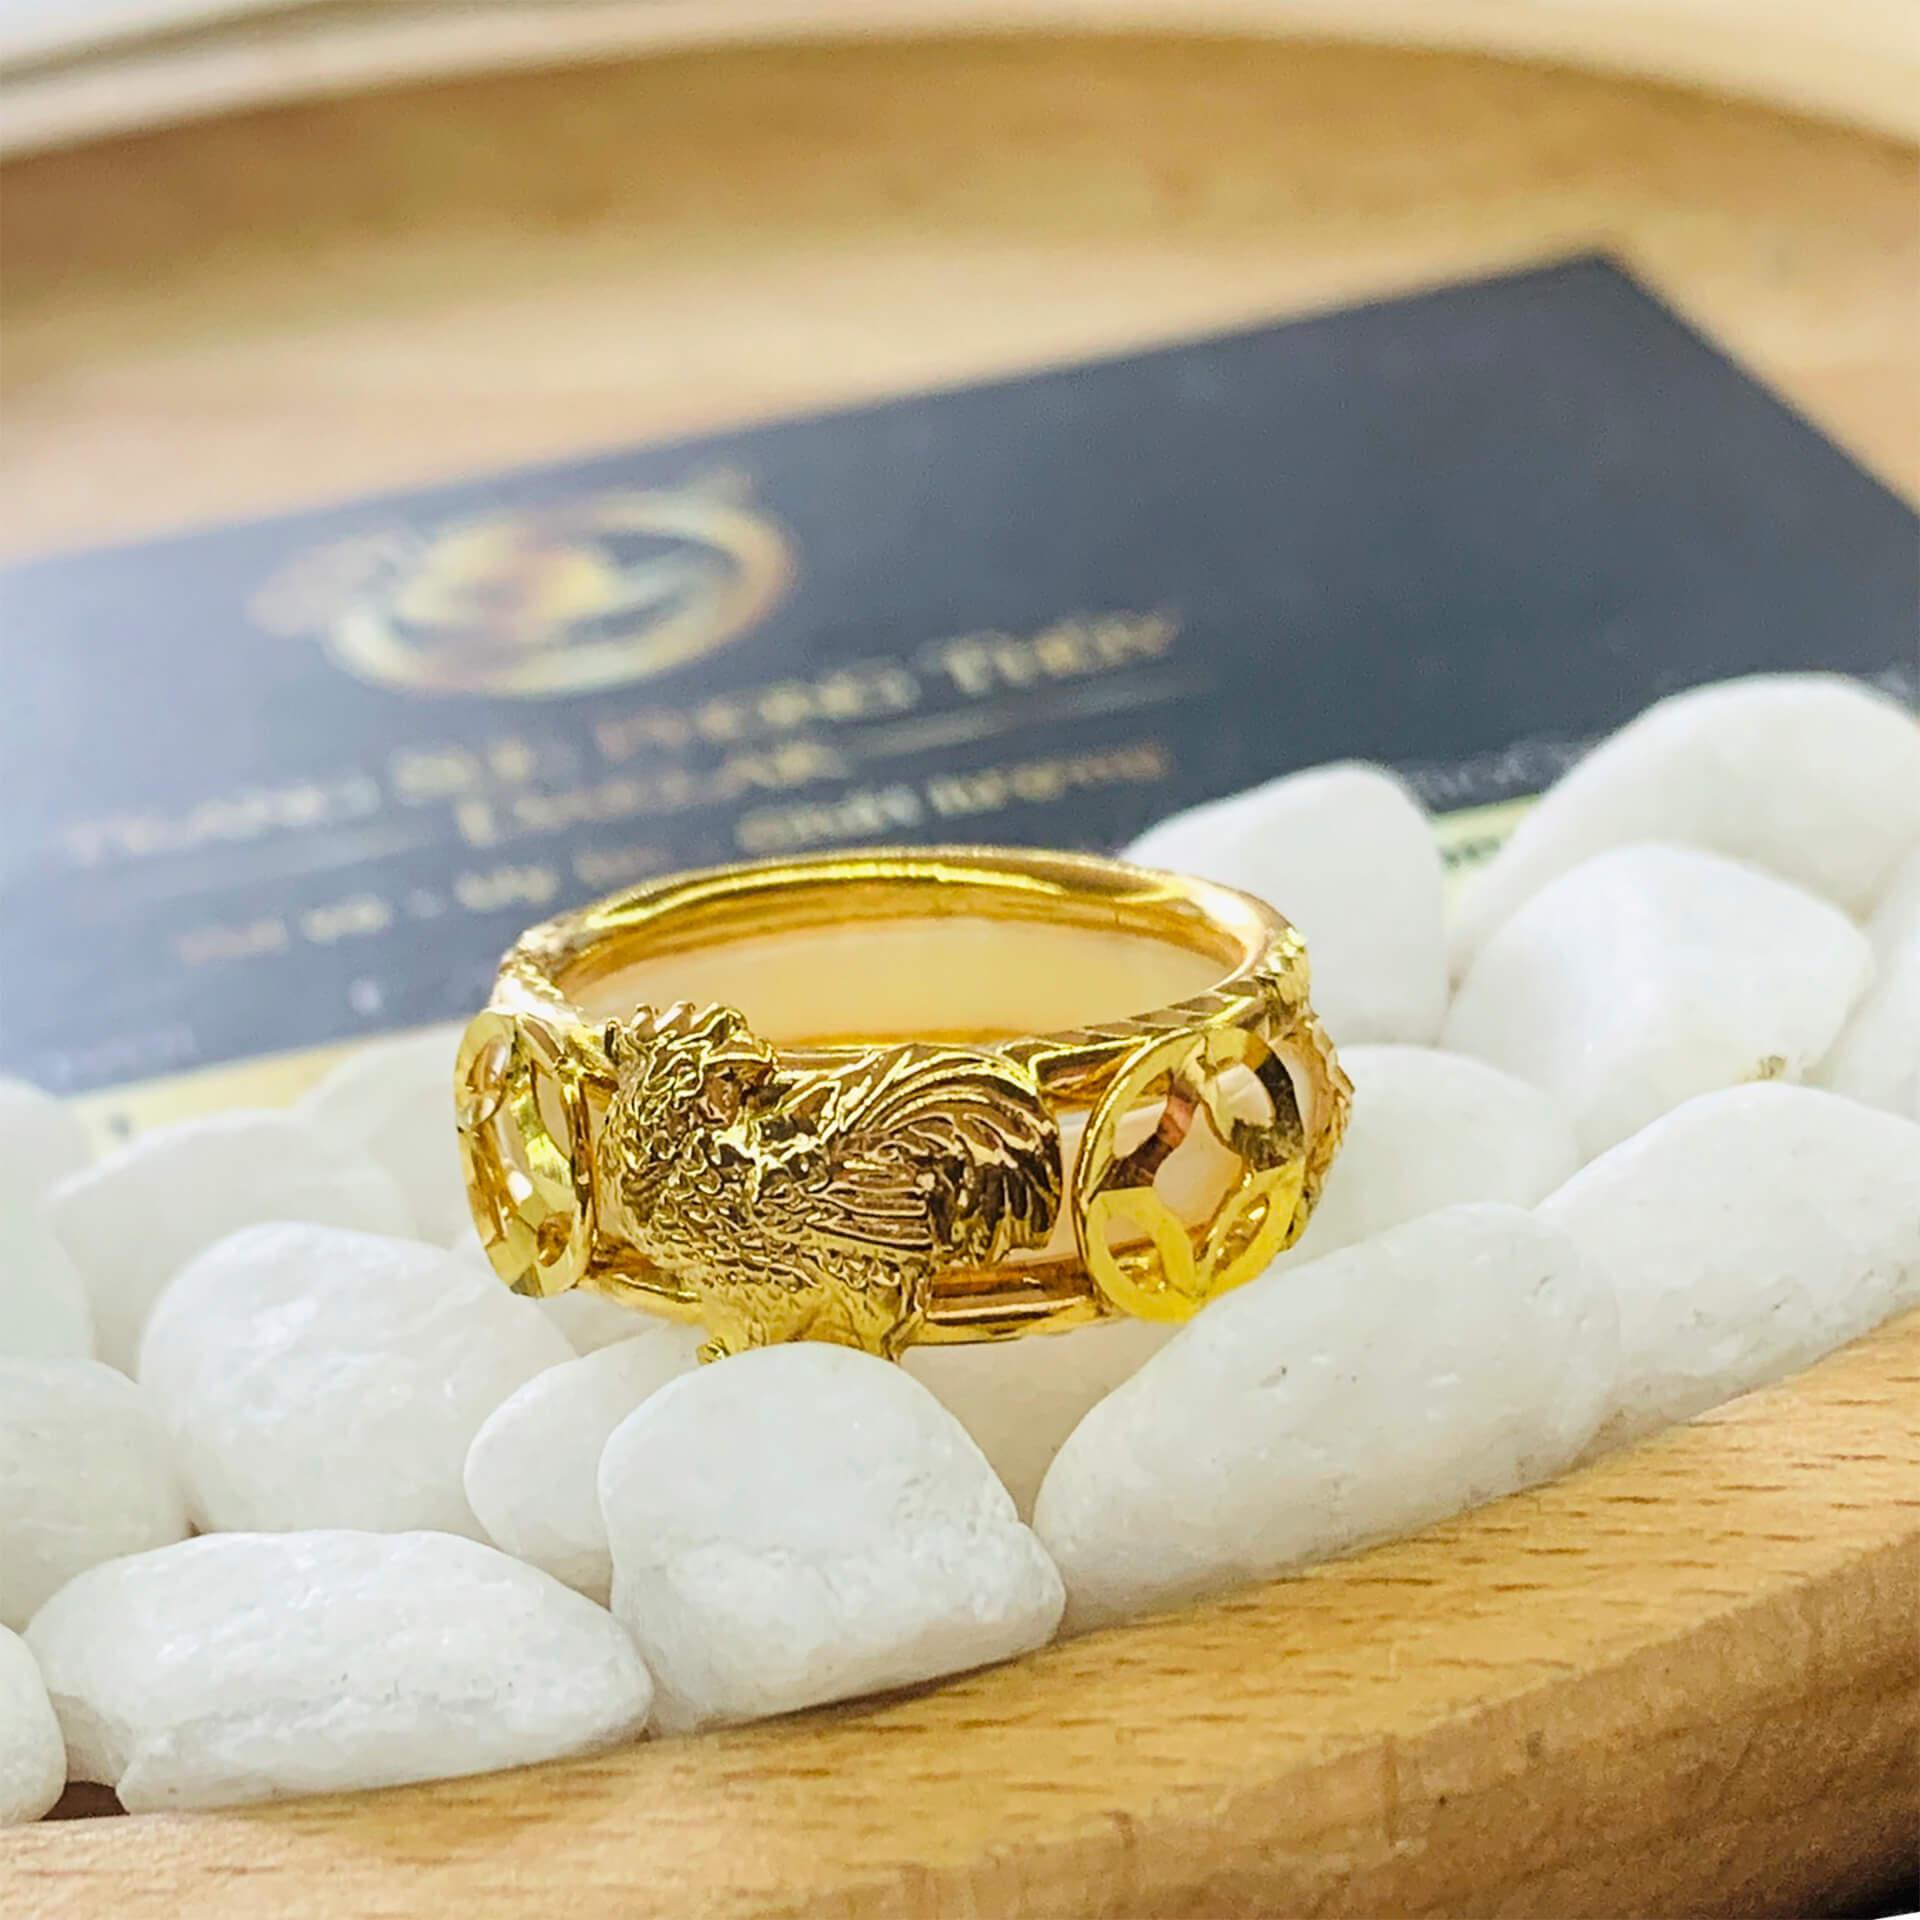 Nhẫn Bạch Ngọc 2 Gà 2 đồng tiền vàng